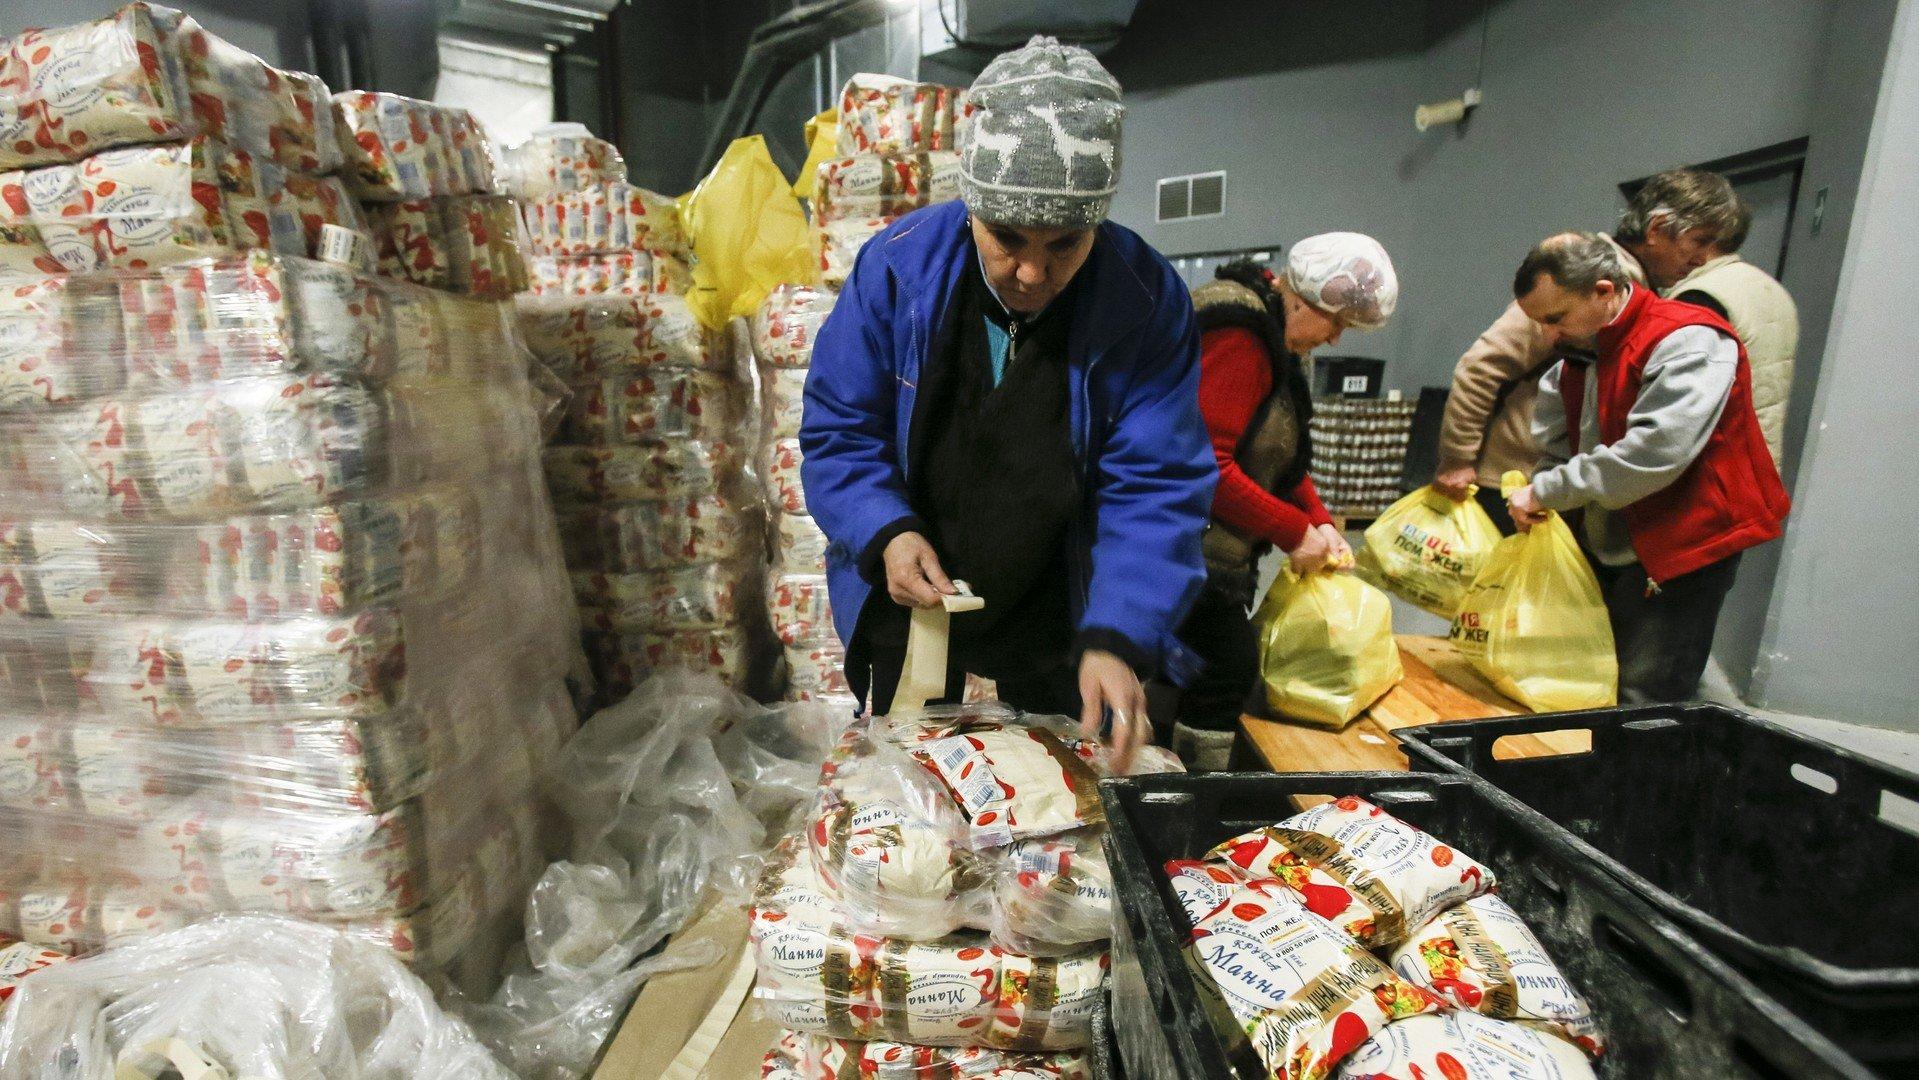 Une bénévole constitue un paquet d'aide humanitaire